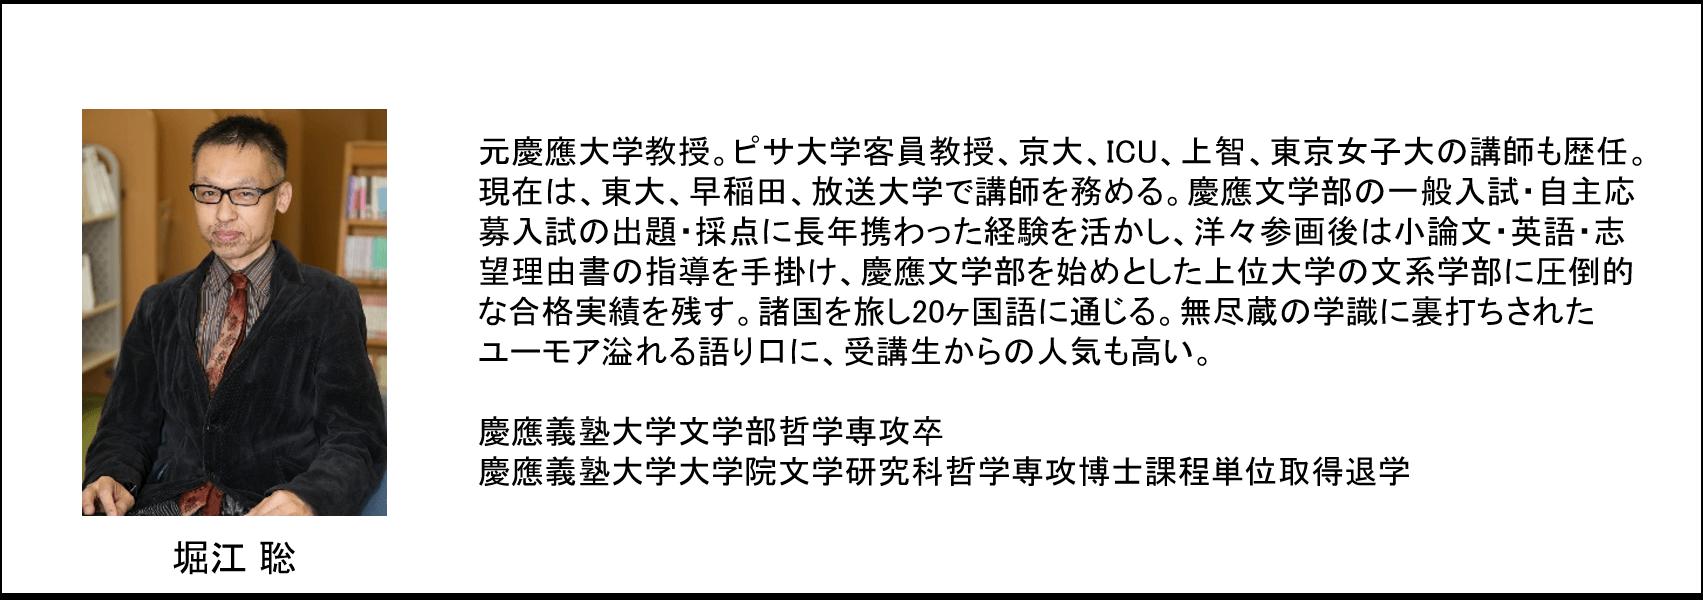 洋々エキスパート講師 堀江聡